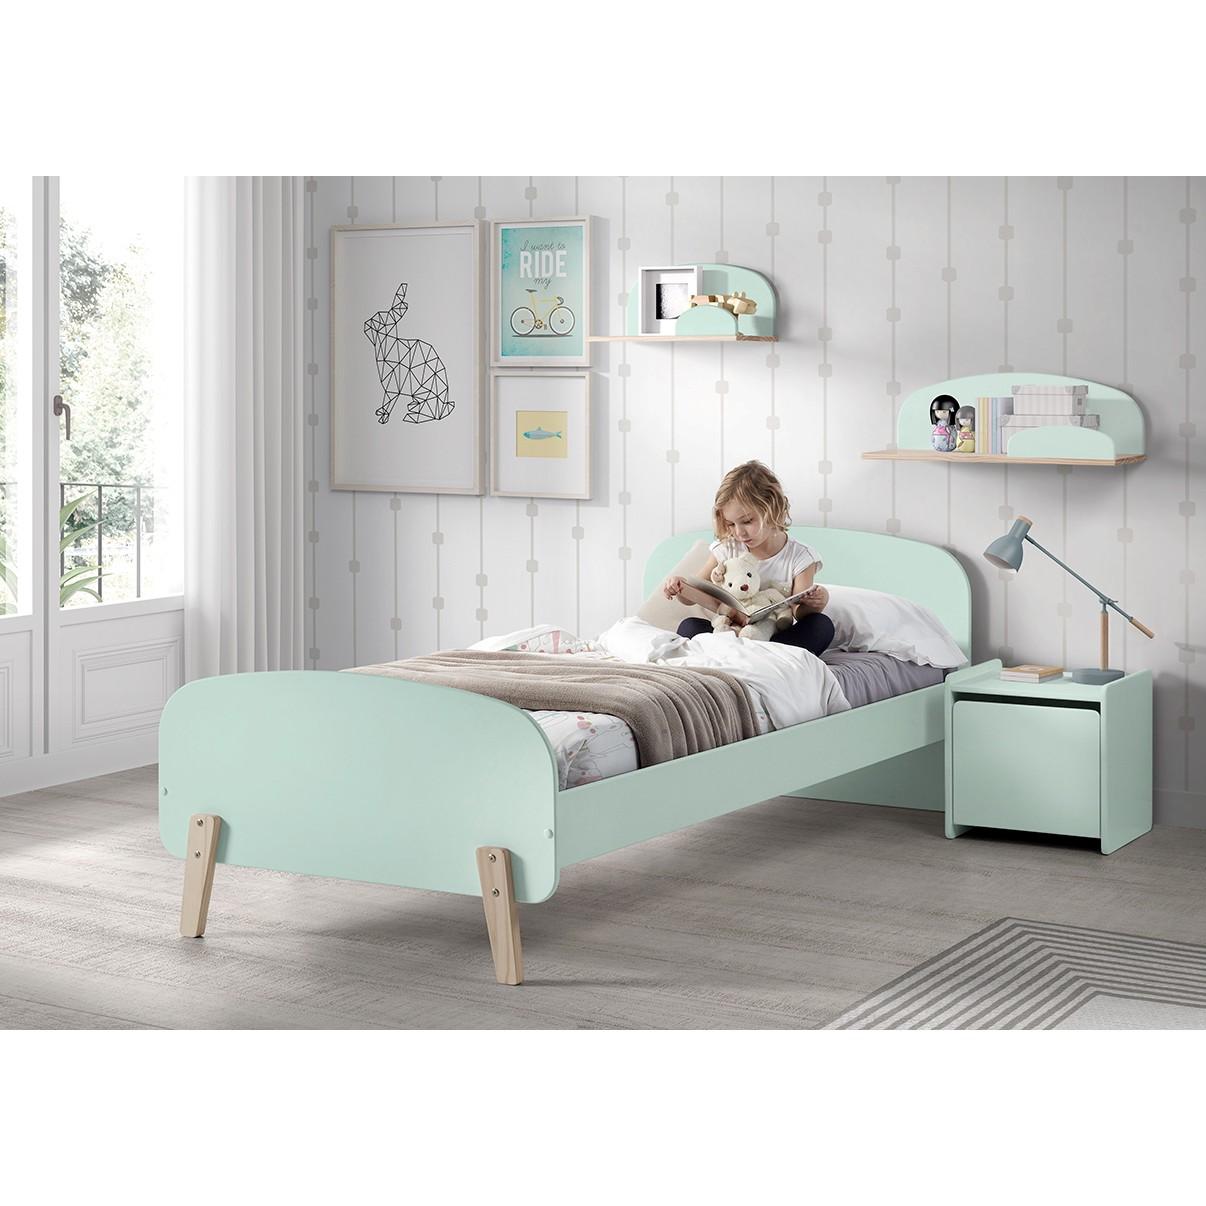 home24 Vipack Kommode Kiddy Mint MDF 40x40x36 cm (BxHxT) Skandi